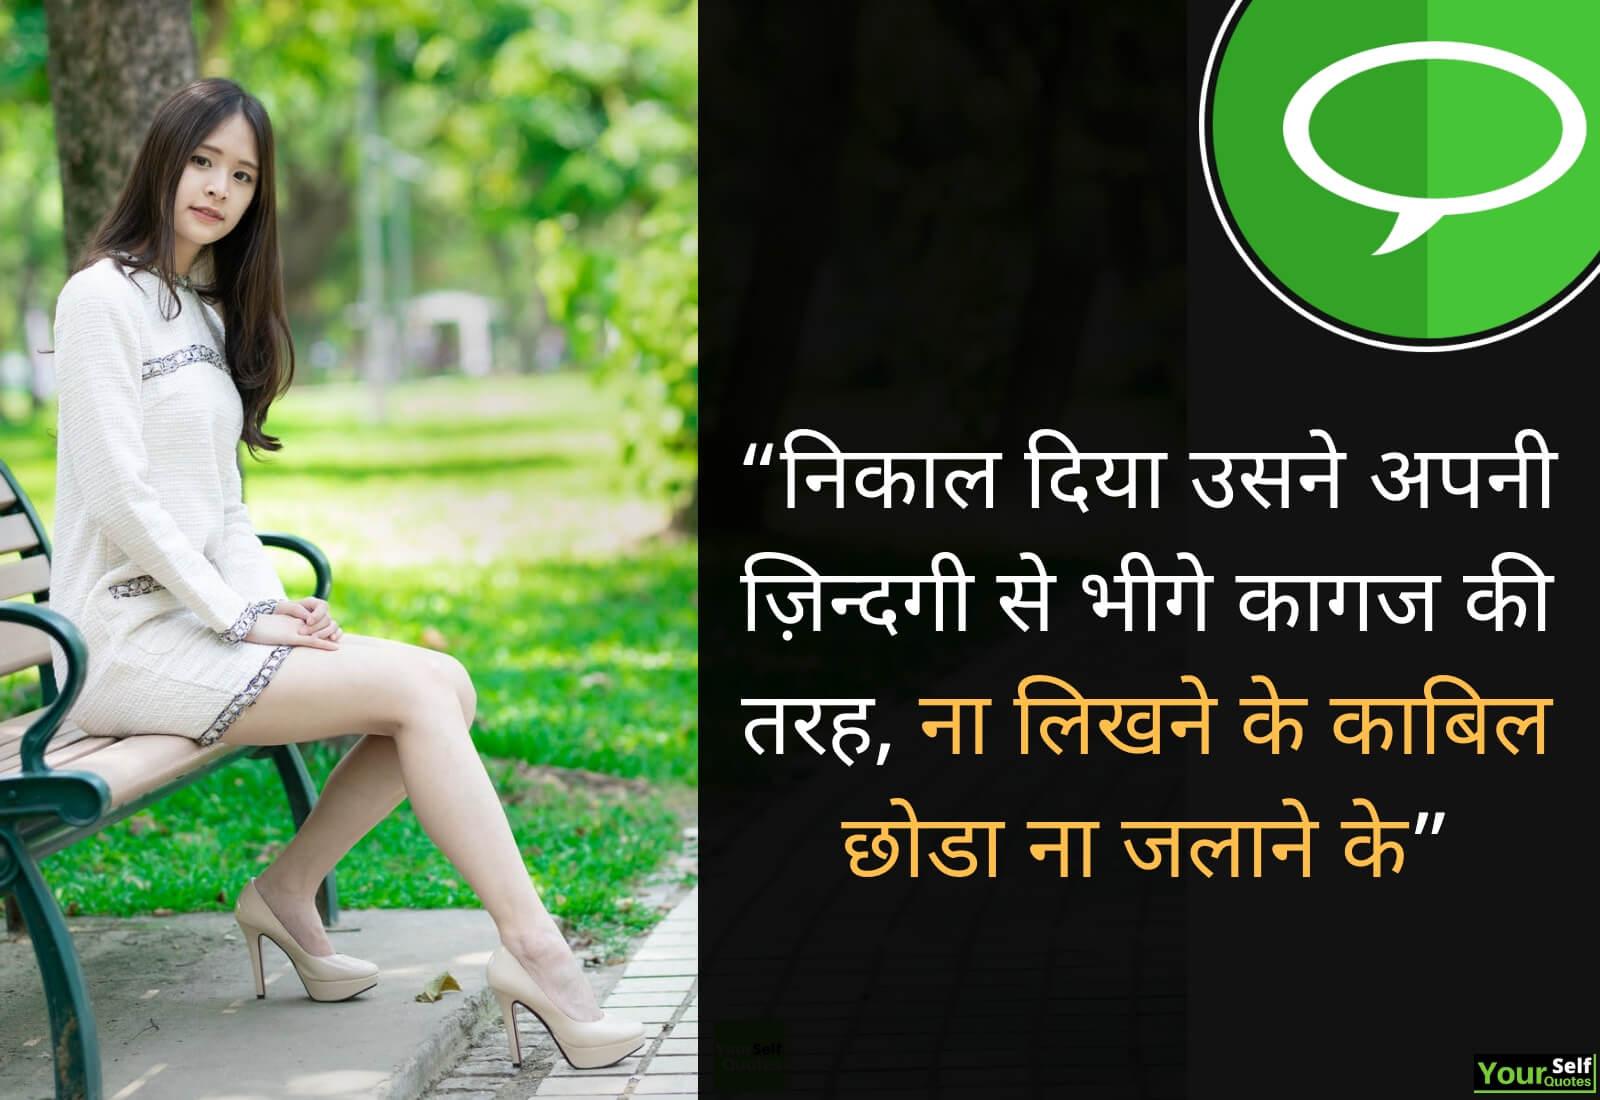 Dard Bhari Shayari for Whatsaap